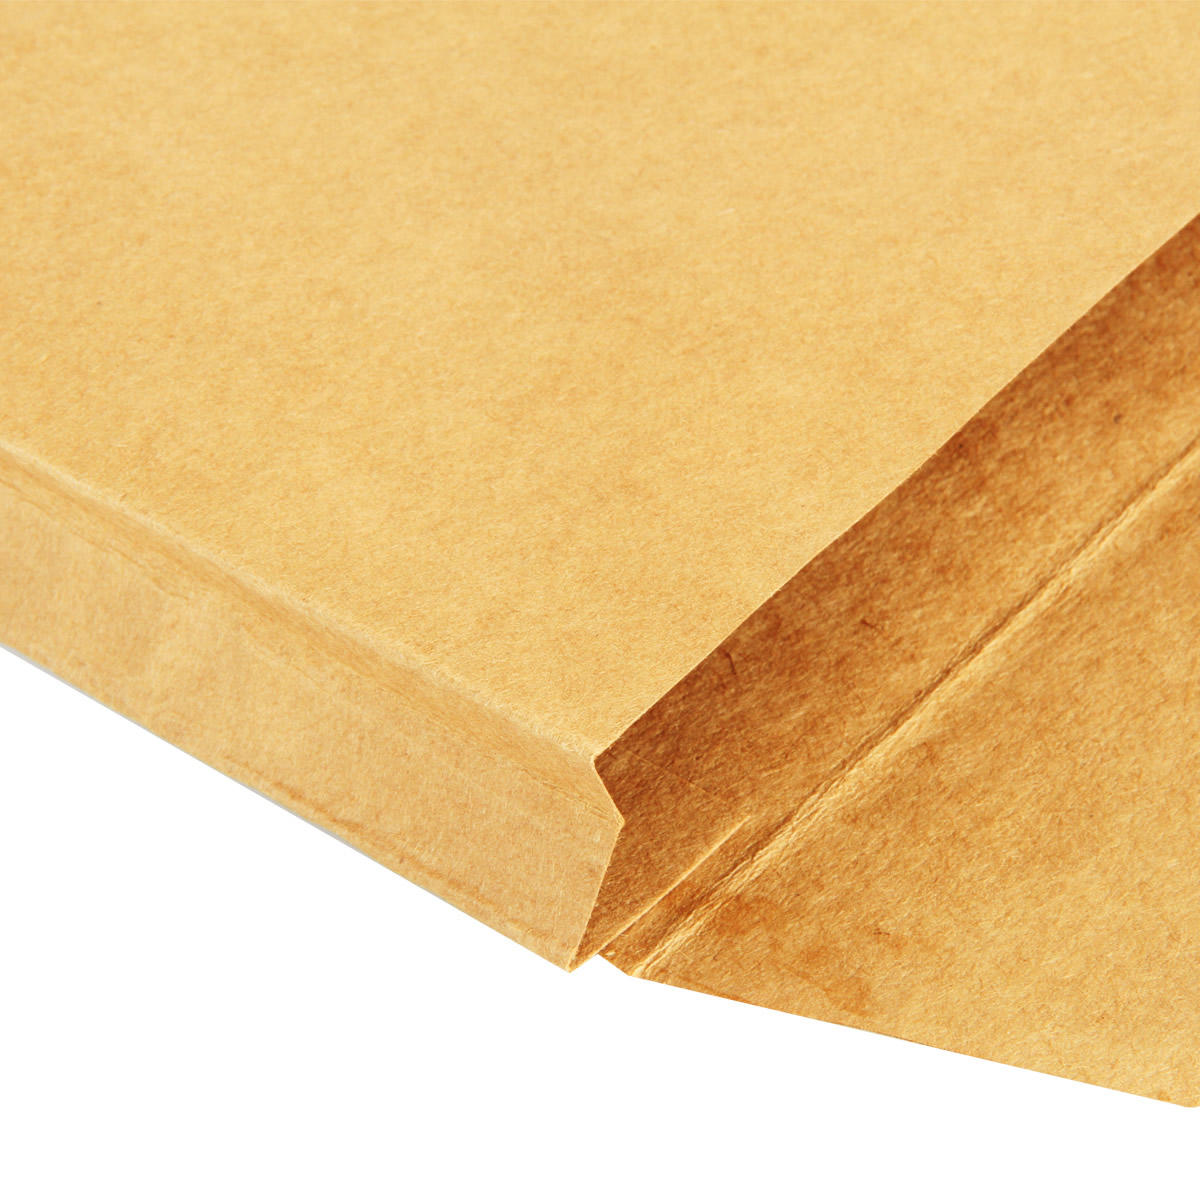 得力5953纸质档案袋资料袋投标文件袋加厚牛皮纸档案袋10个